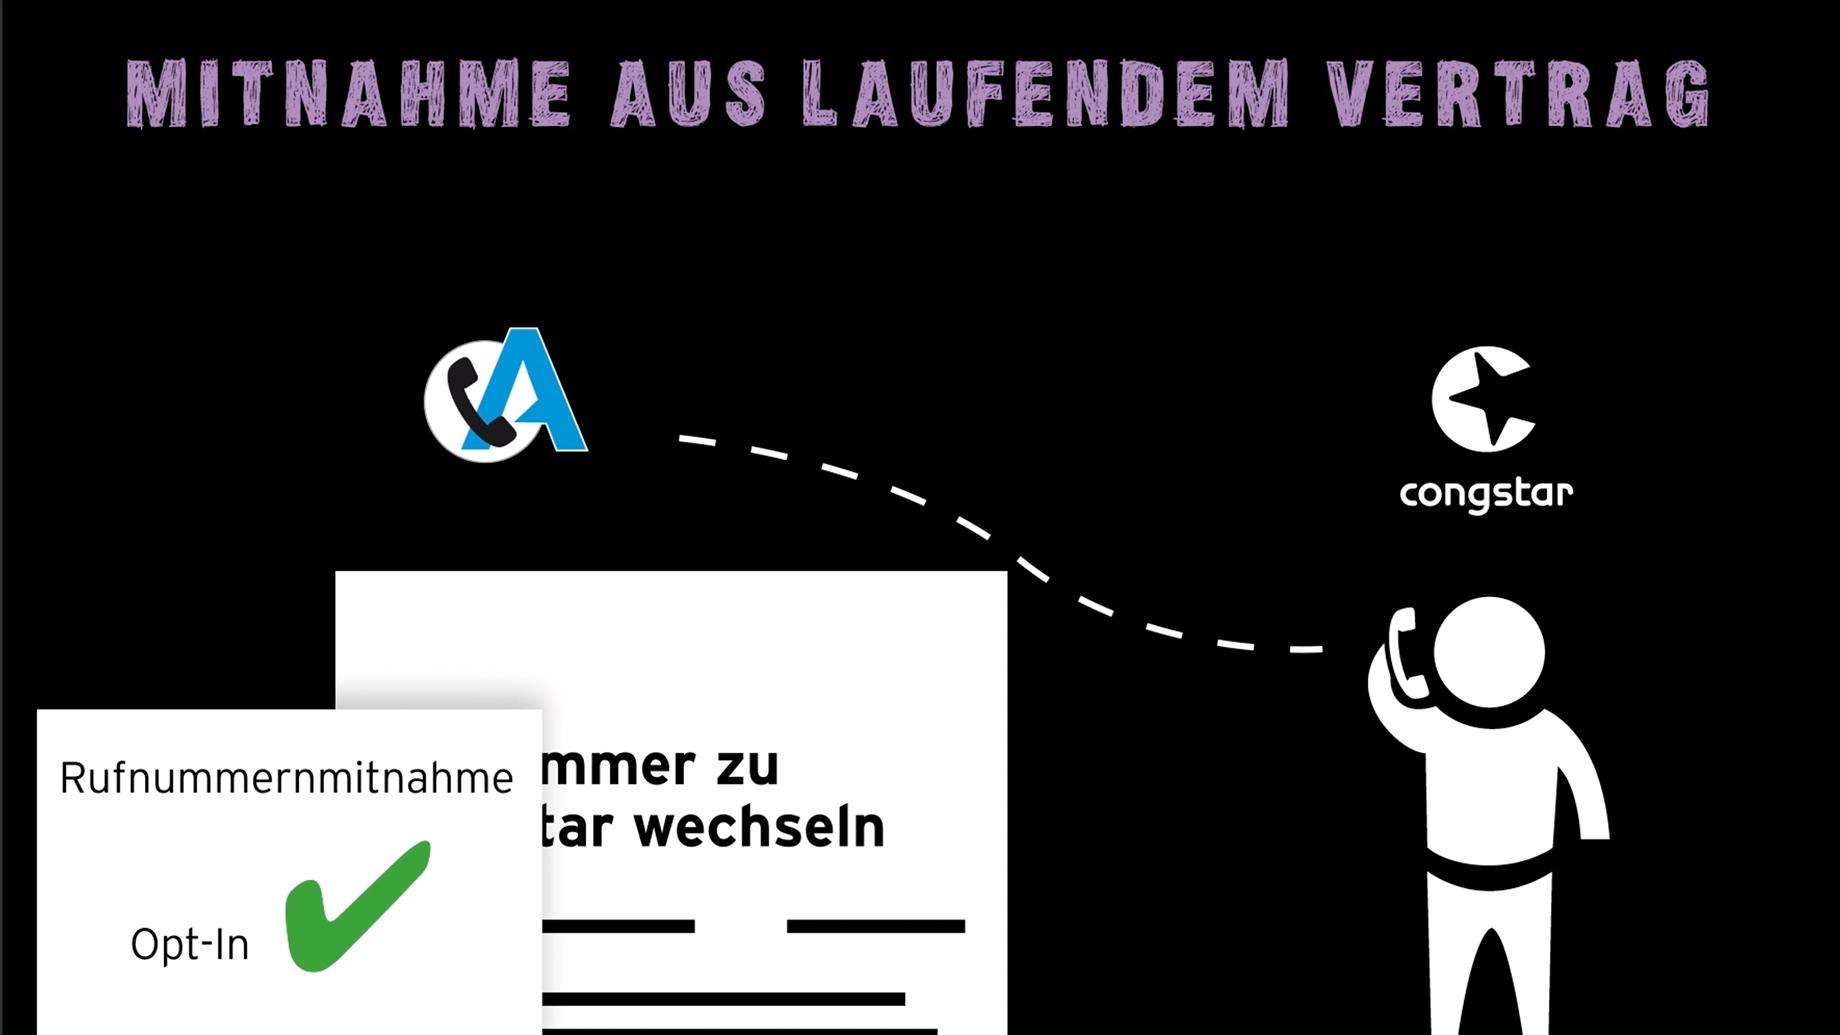 Www Lidl Connect De Karte Freischalten.So Funktioniert Die Rufnummernmitnahme Congstar